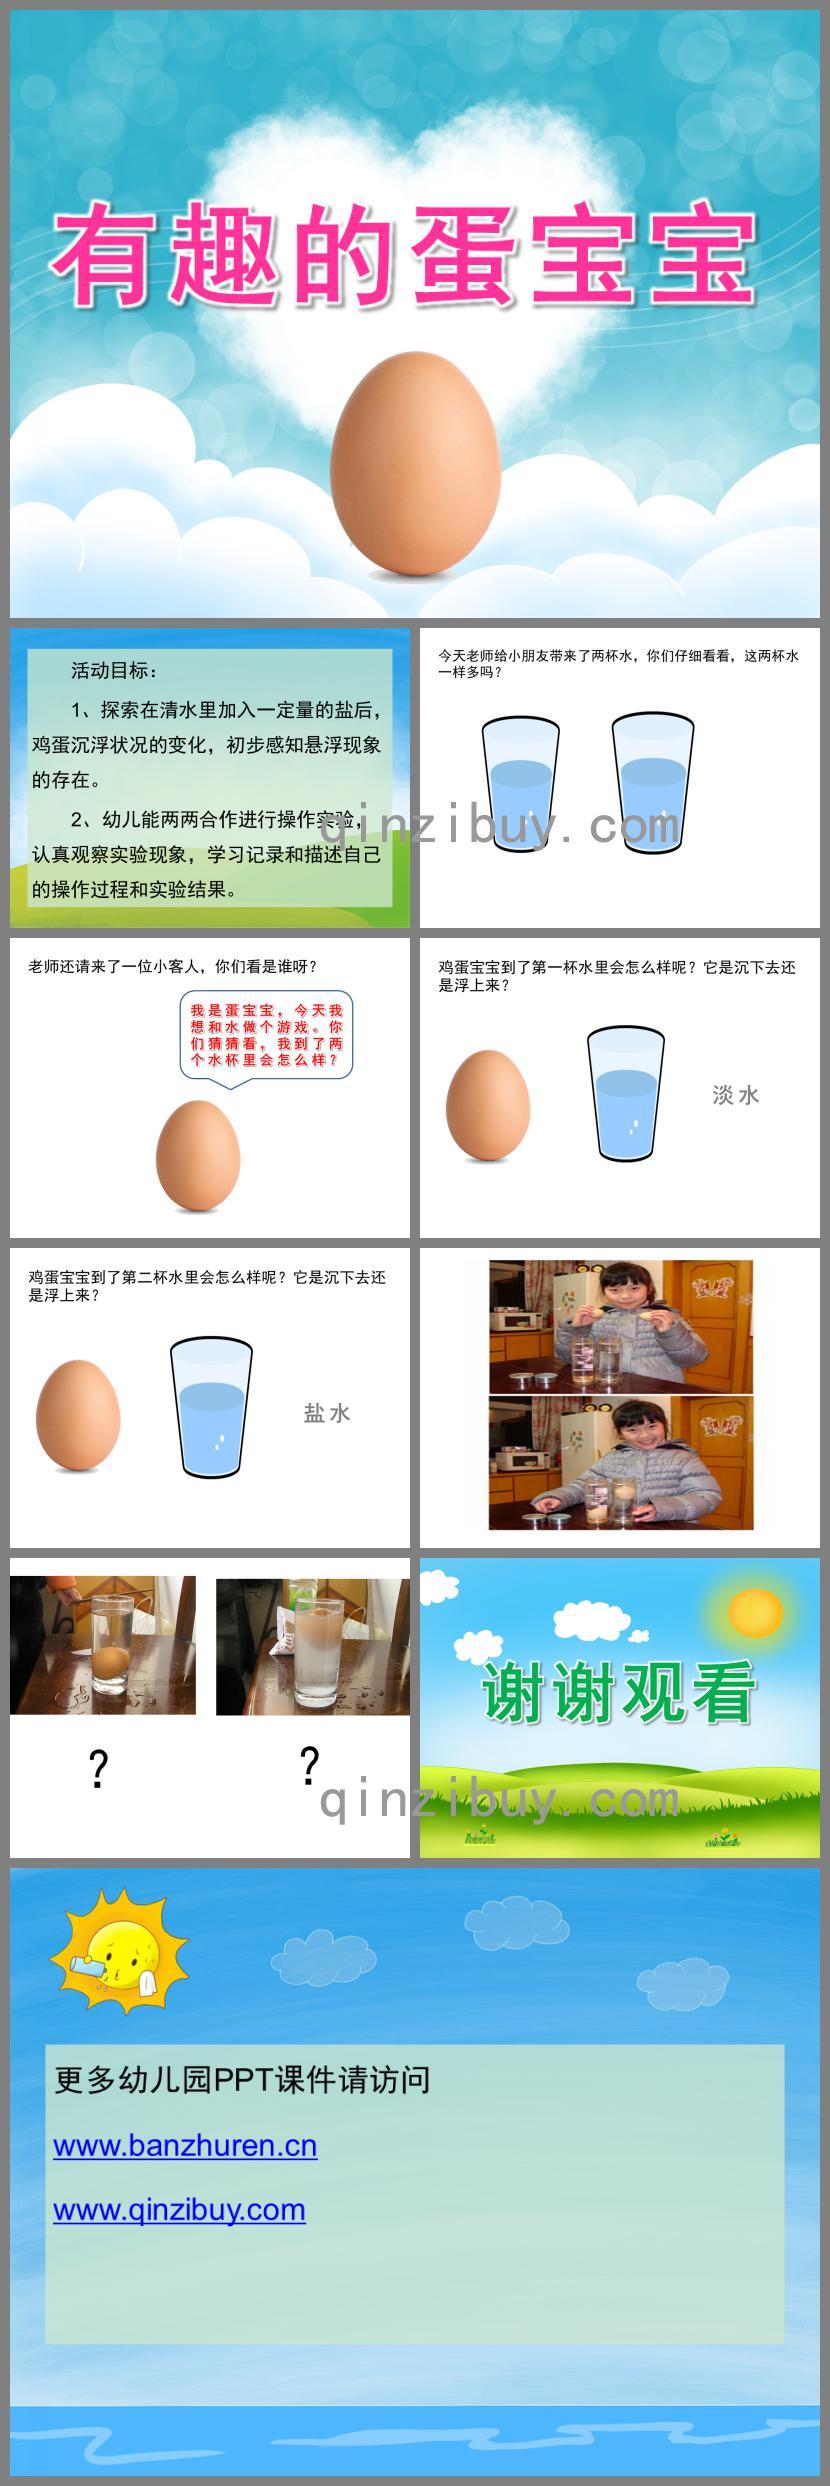 大班科学有趣的蛋宝宝PPT课件